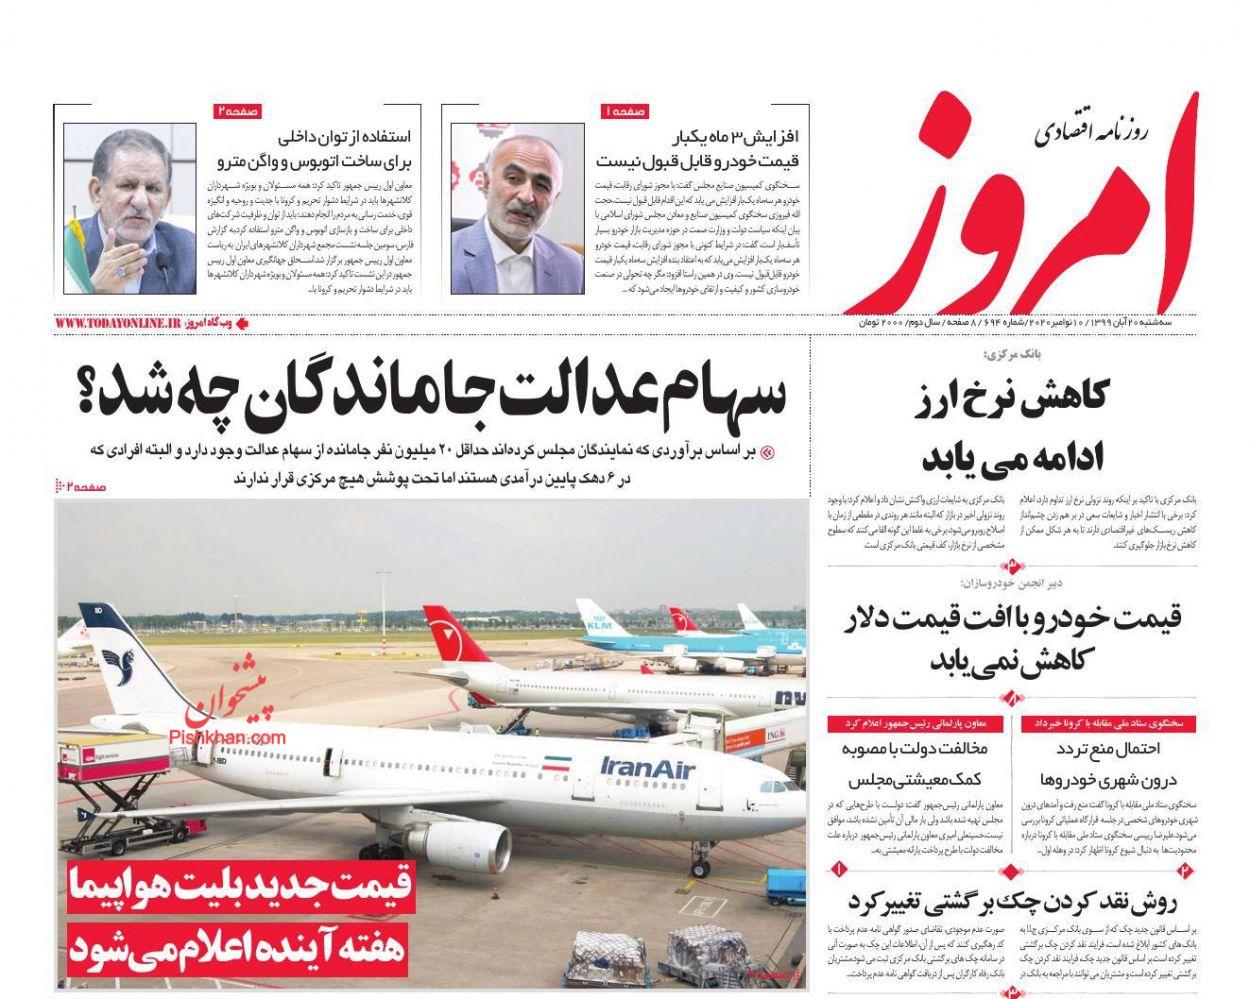 عناوین اخبار روزنامه امروز در روز سهشنبه ۲۰ آبان